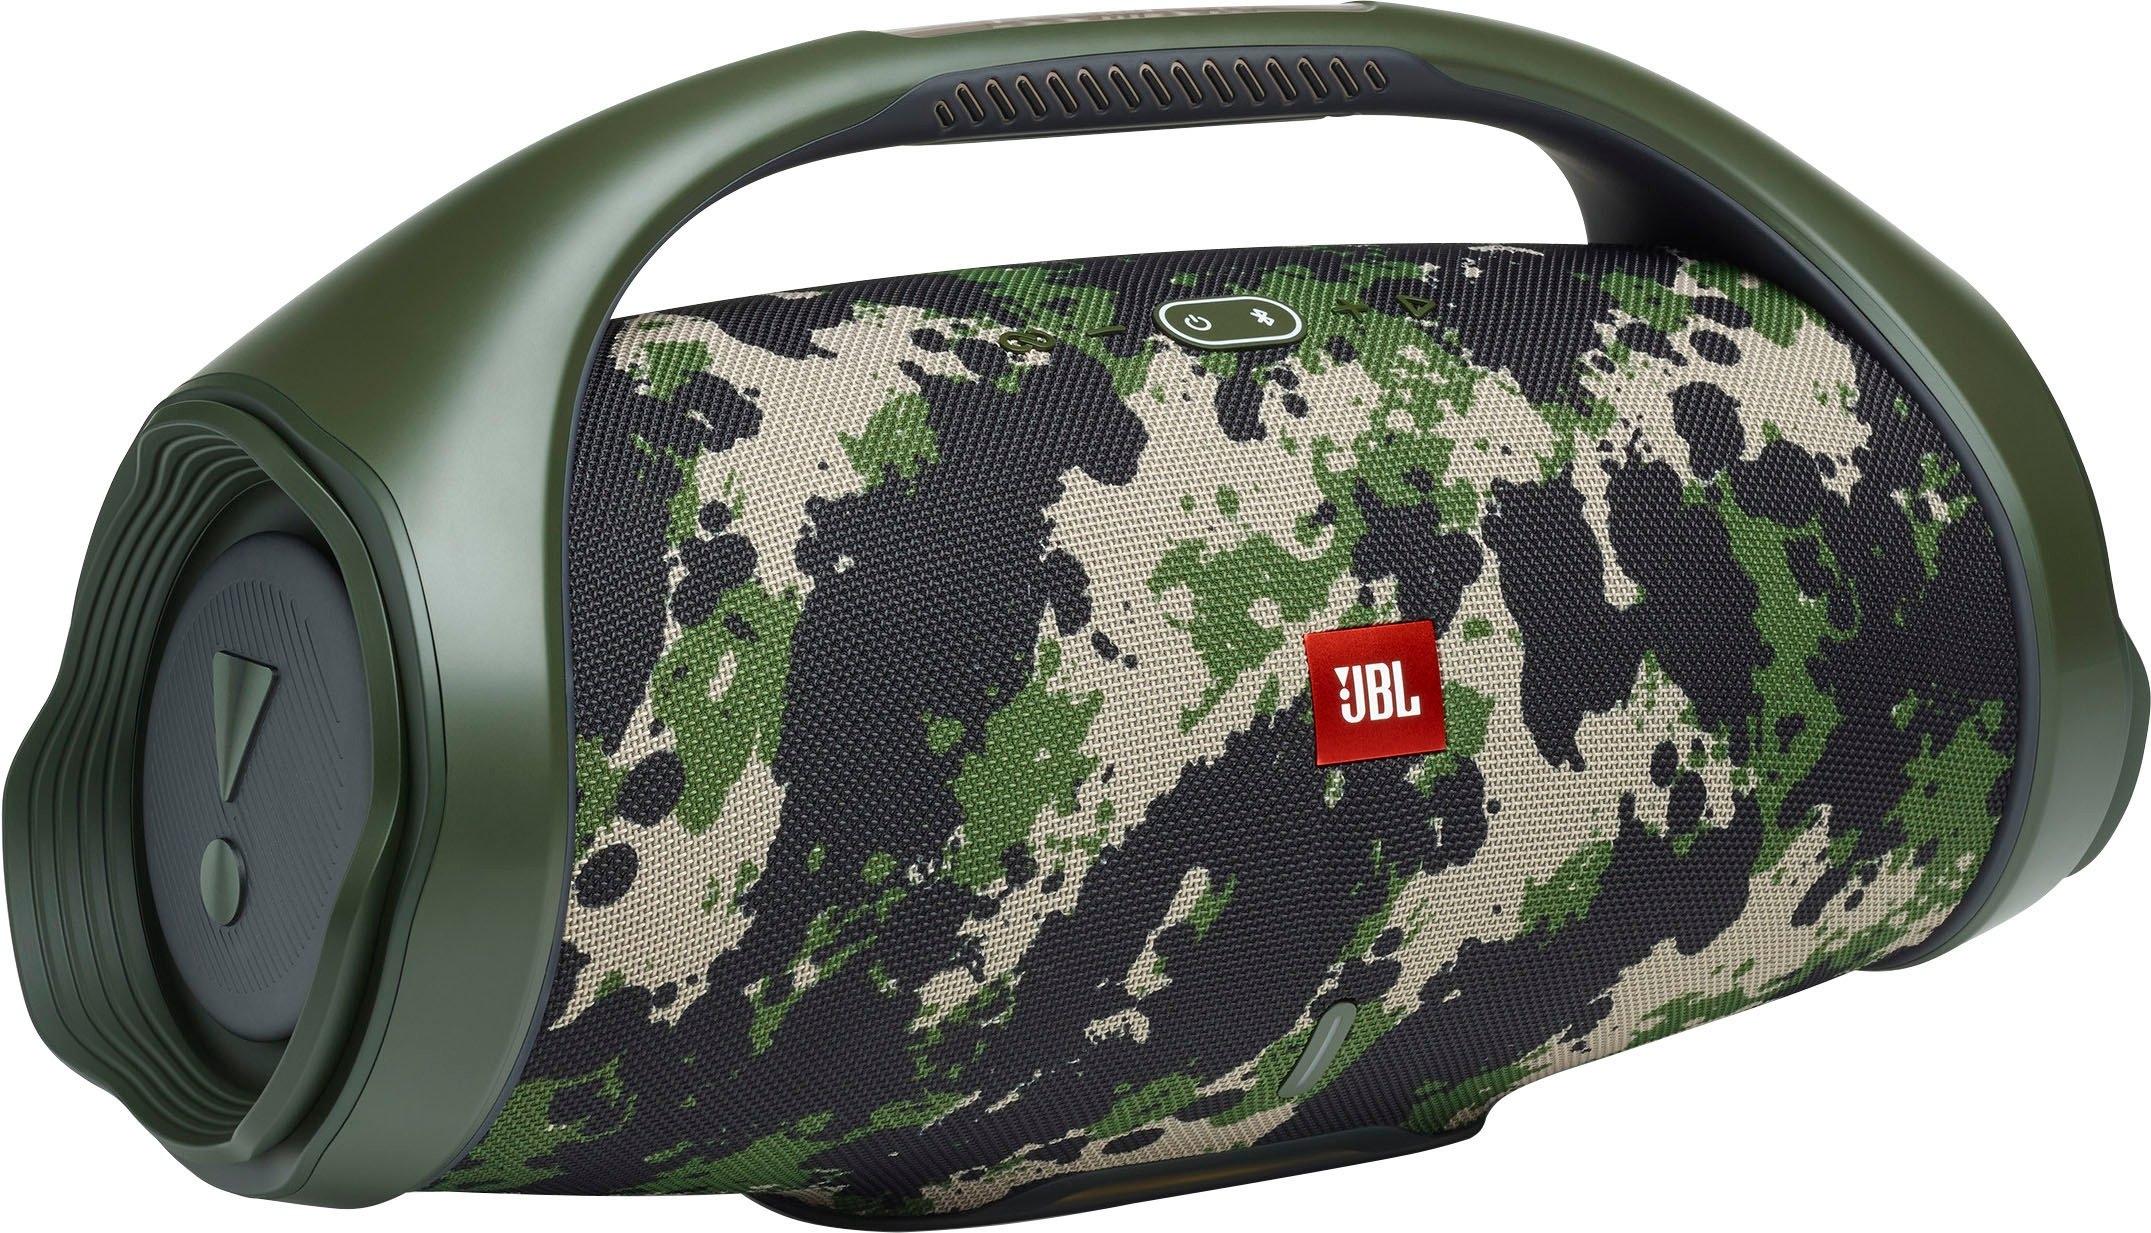 JBL portable luidspreker Boombox 2 (1) - verschillende betaalmethodes